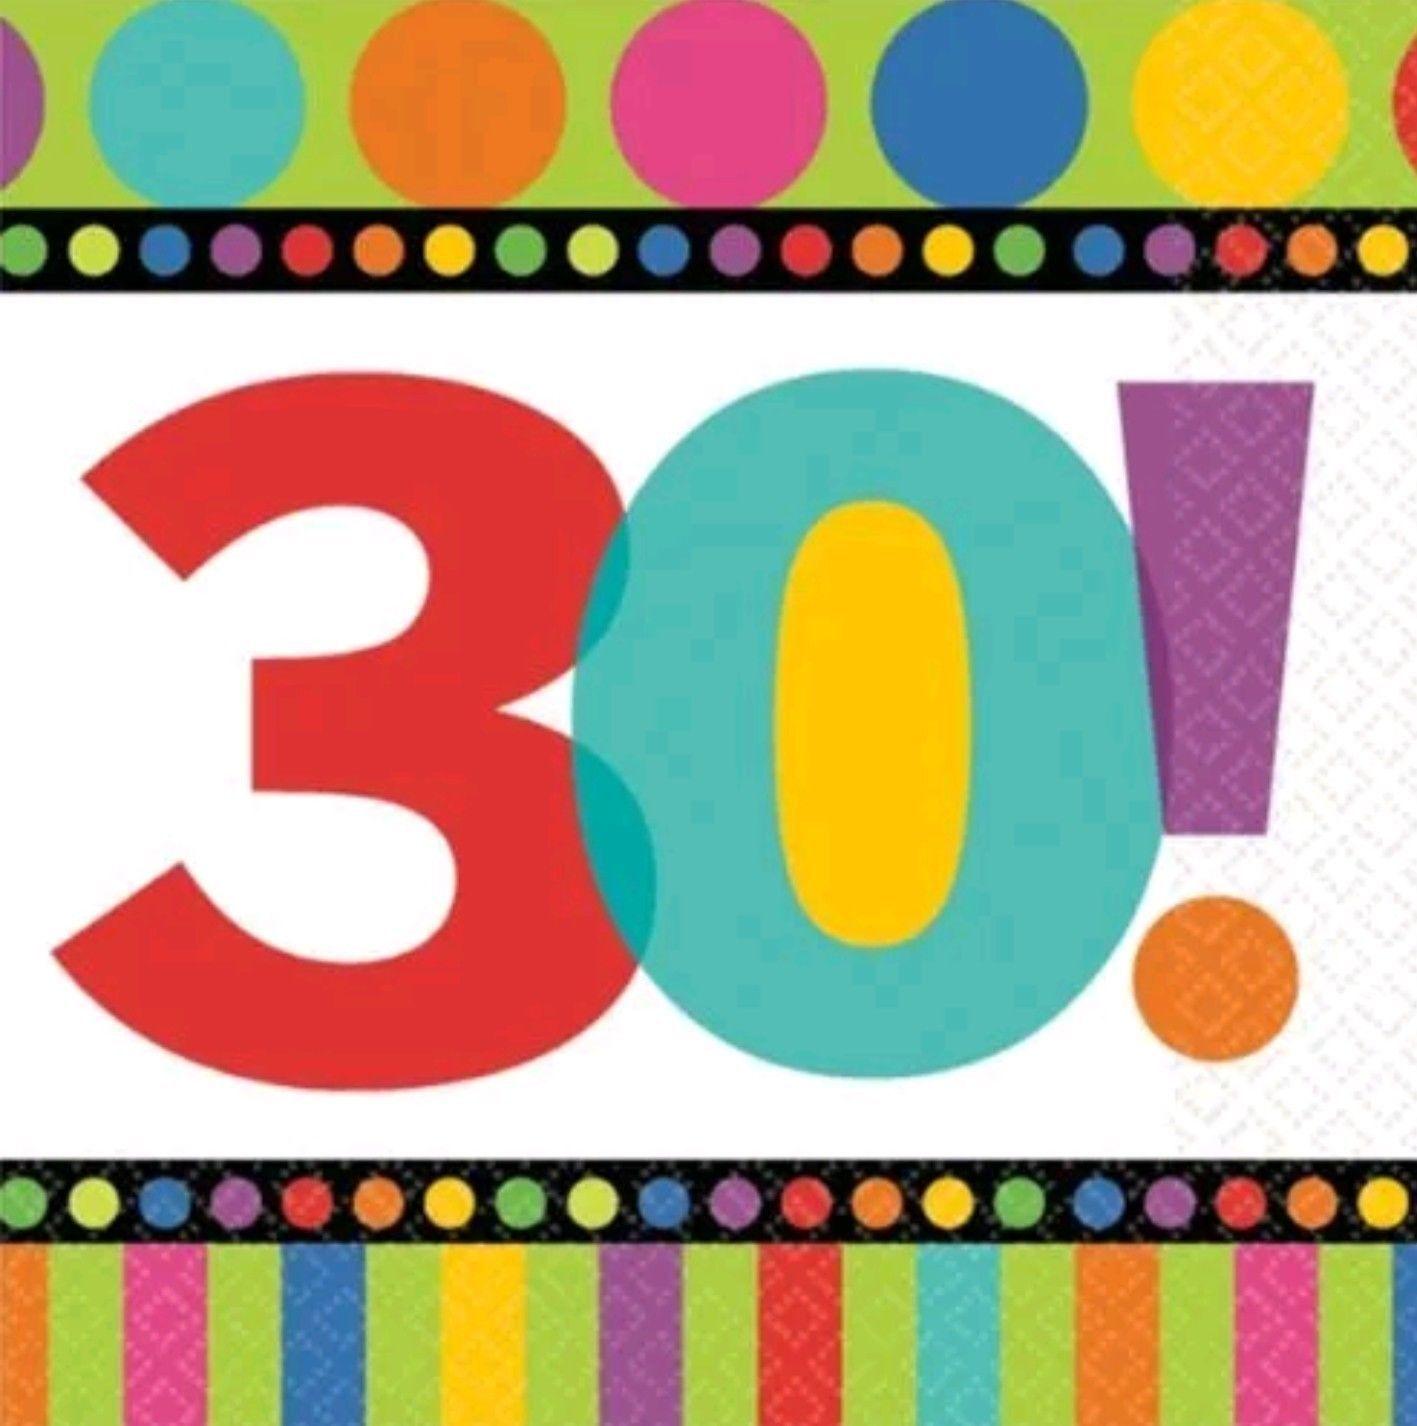 30th Compleanno Compleanno Compleanno Tovaglioli a6e7ad